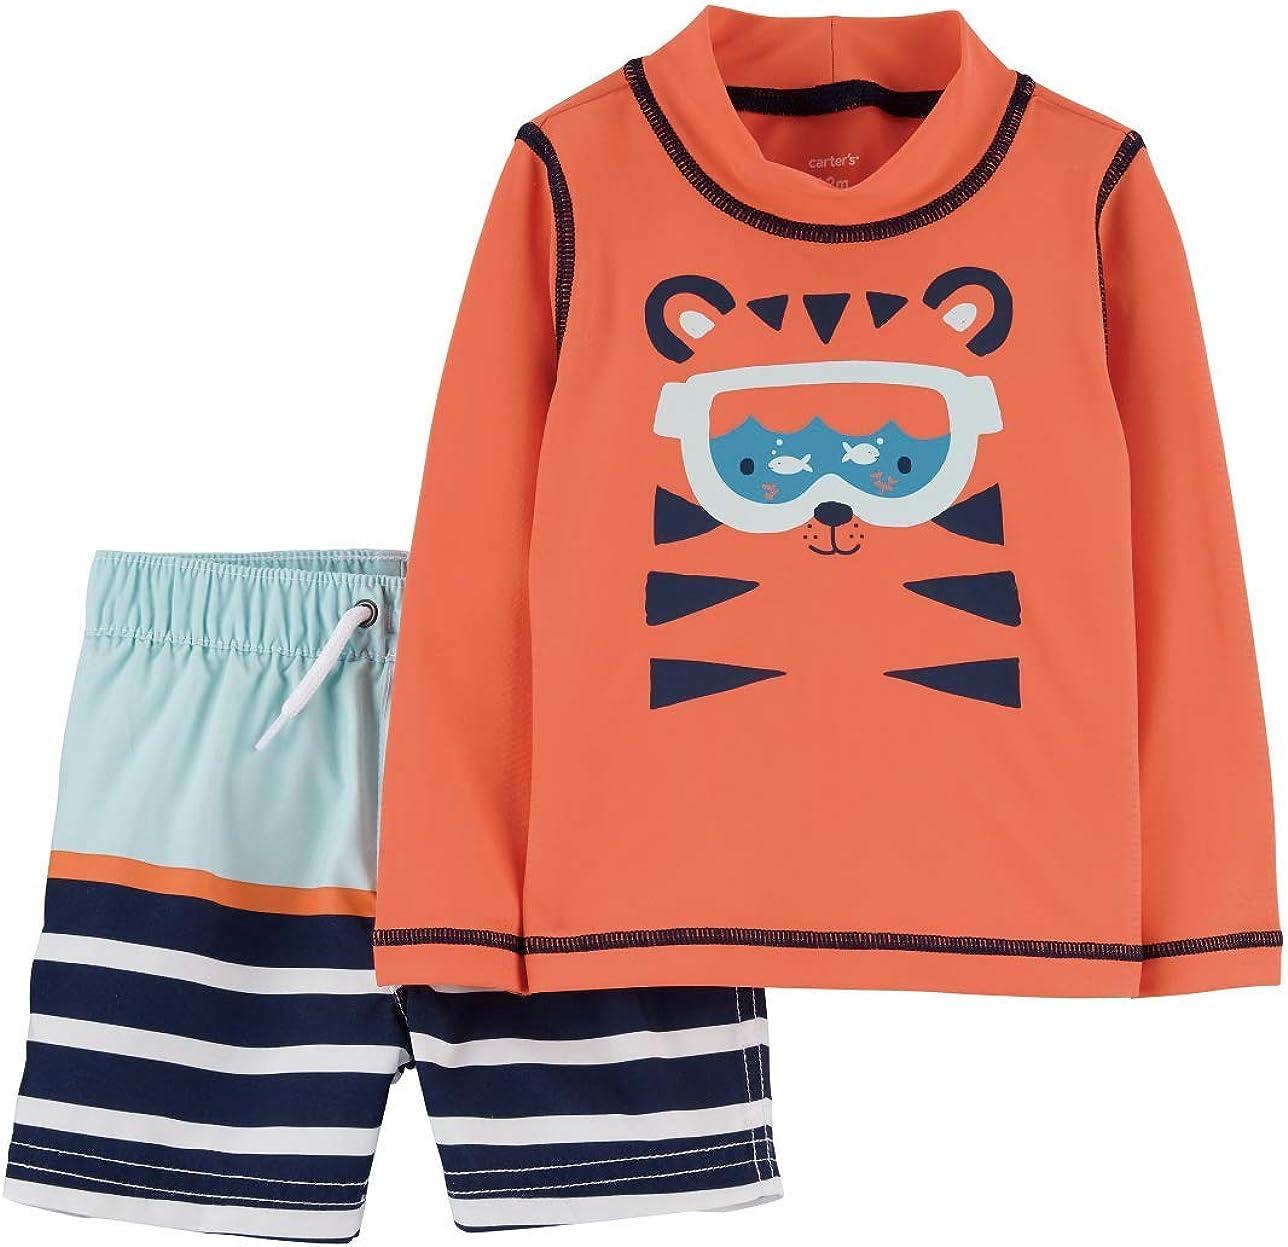 Carter's Tiger Rashguard Swim Set